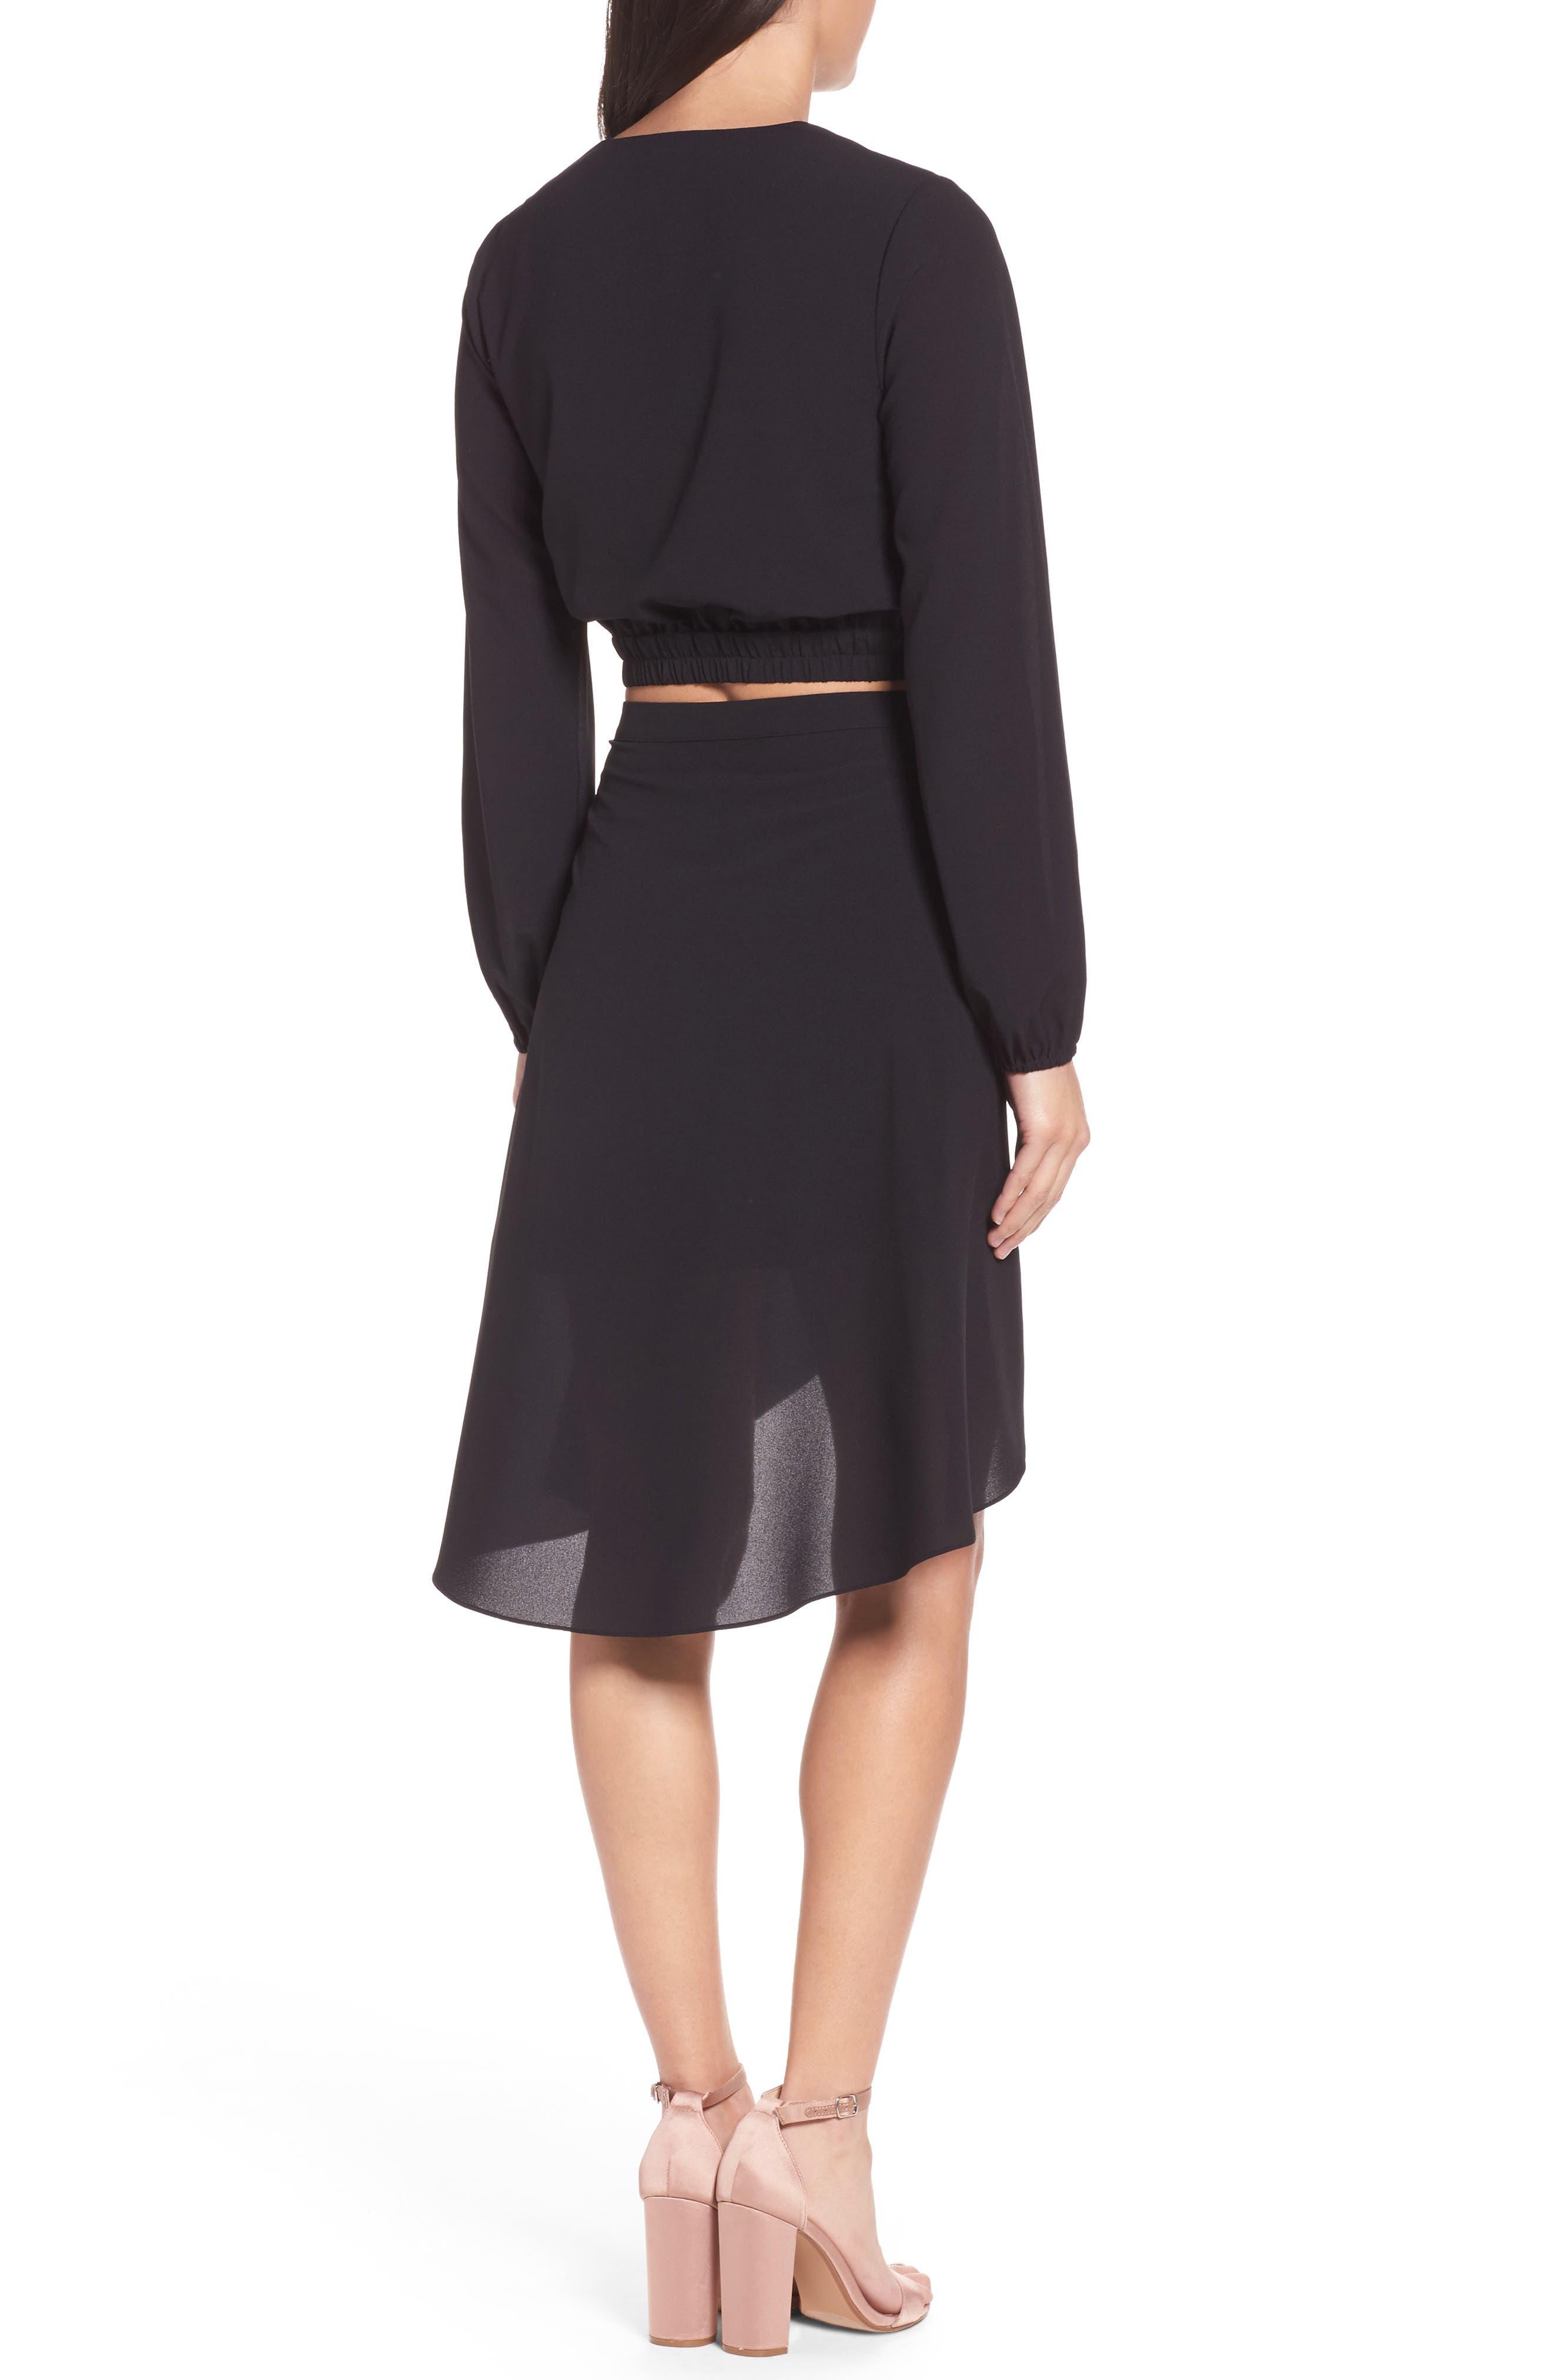 St. Tropez Two-Piece Dress,                             Alternate thumbnail 3, color,                             Black